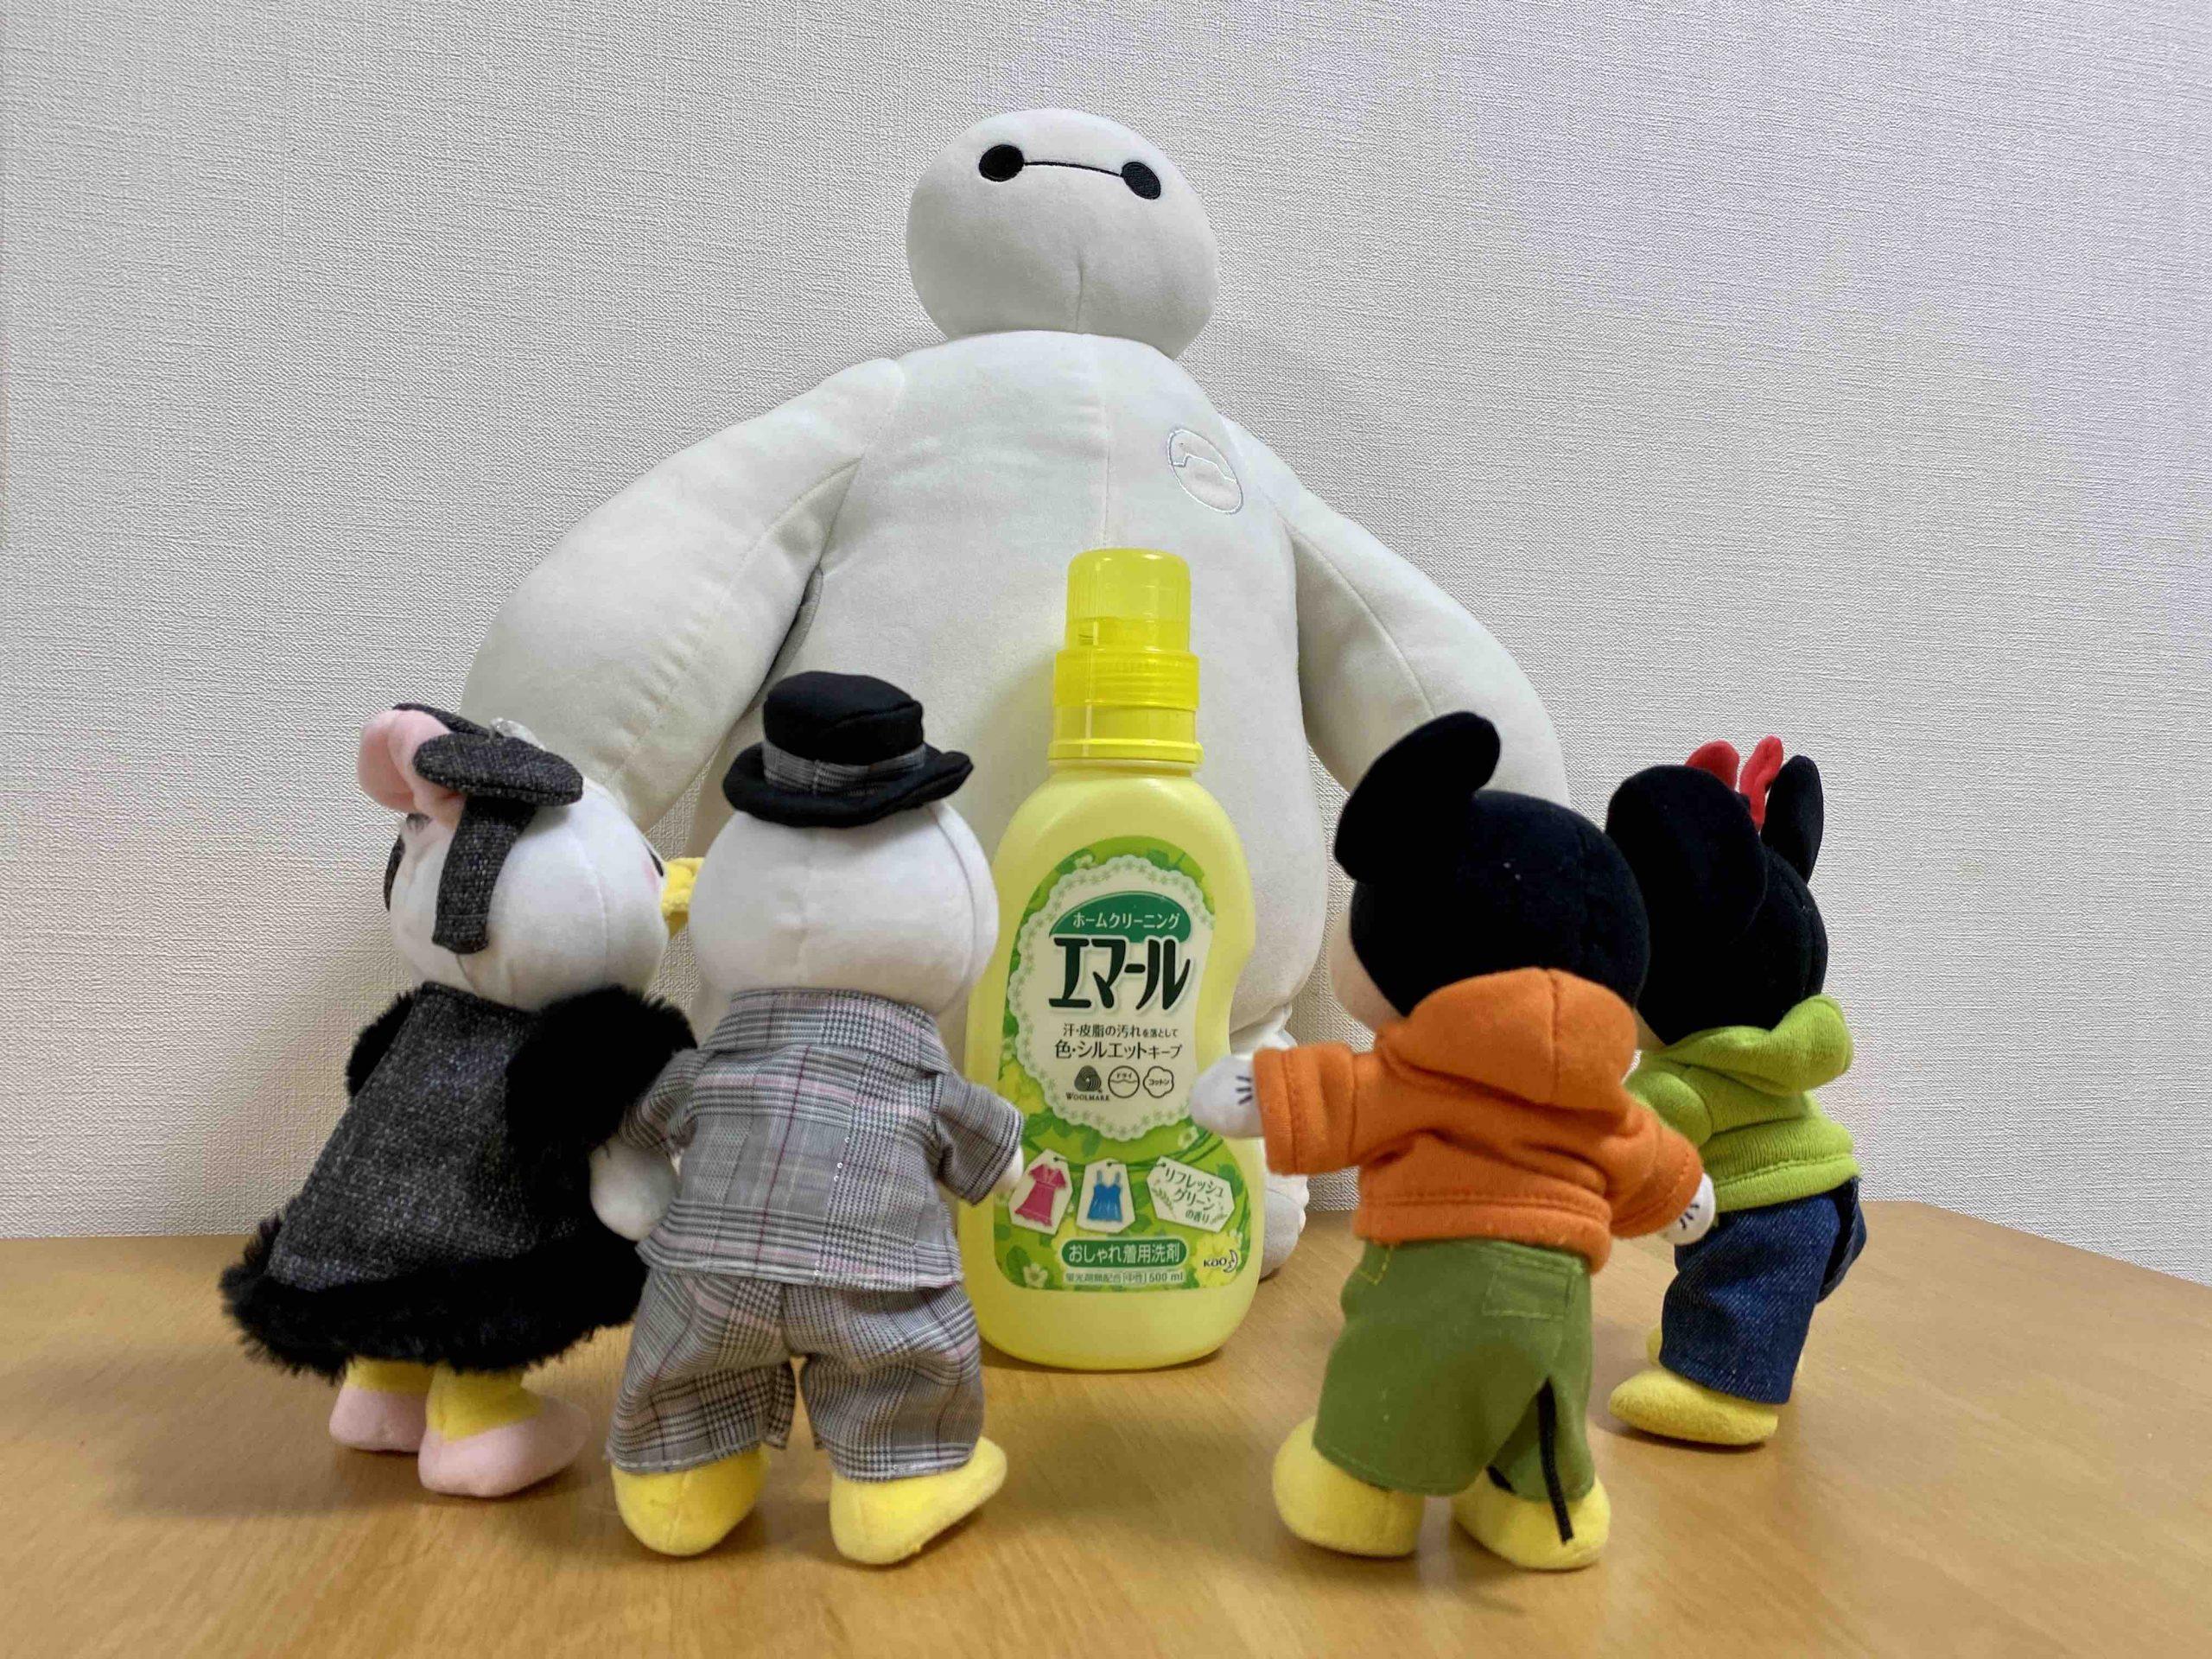 方 ぬいぐるみ 洗い ぬいぐるみの洗濯方法3選!ふわふわになる洗い方から乾かし方まで徹底解説